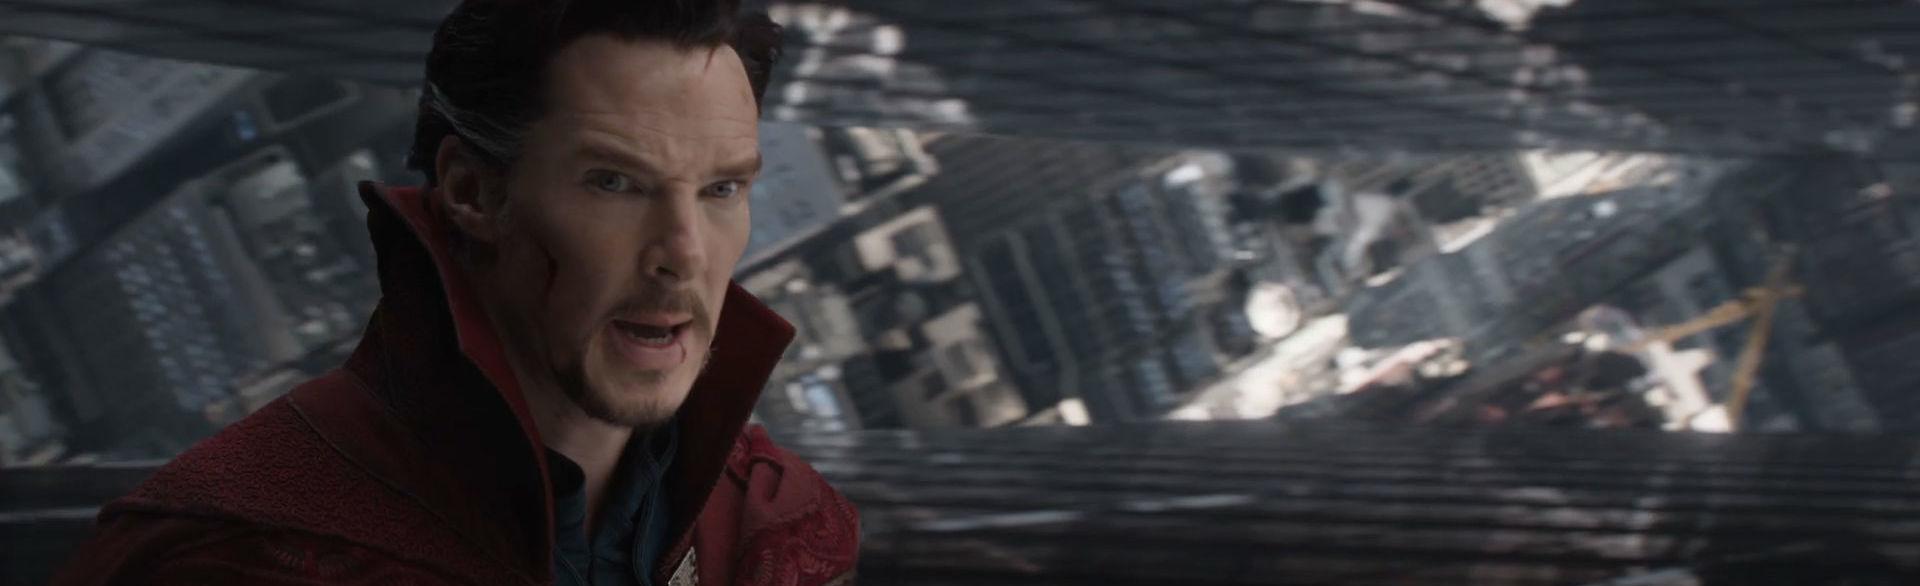 Doctor Strange ตัวอย่างที่ 2 อย่างเป็นทางการ